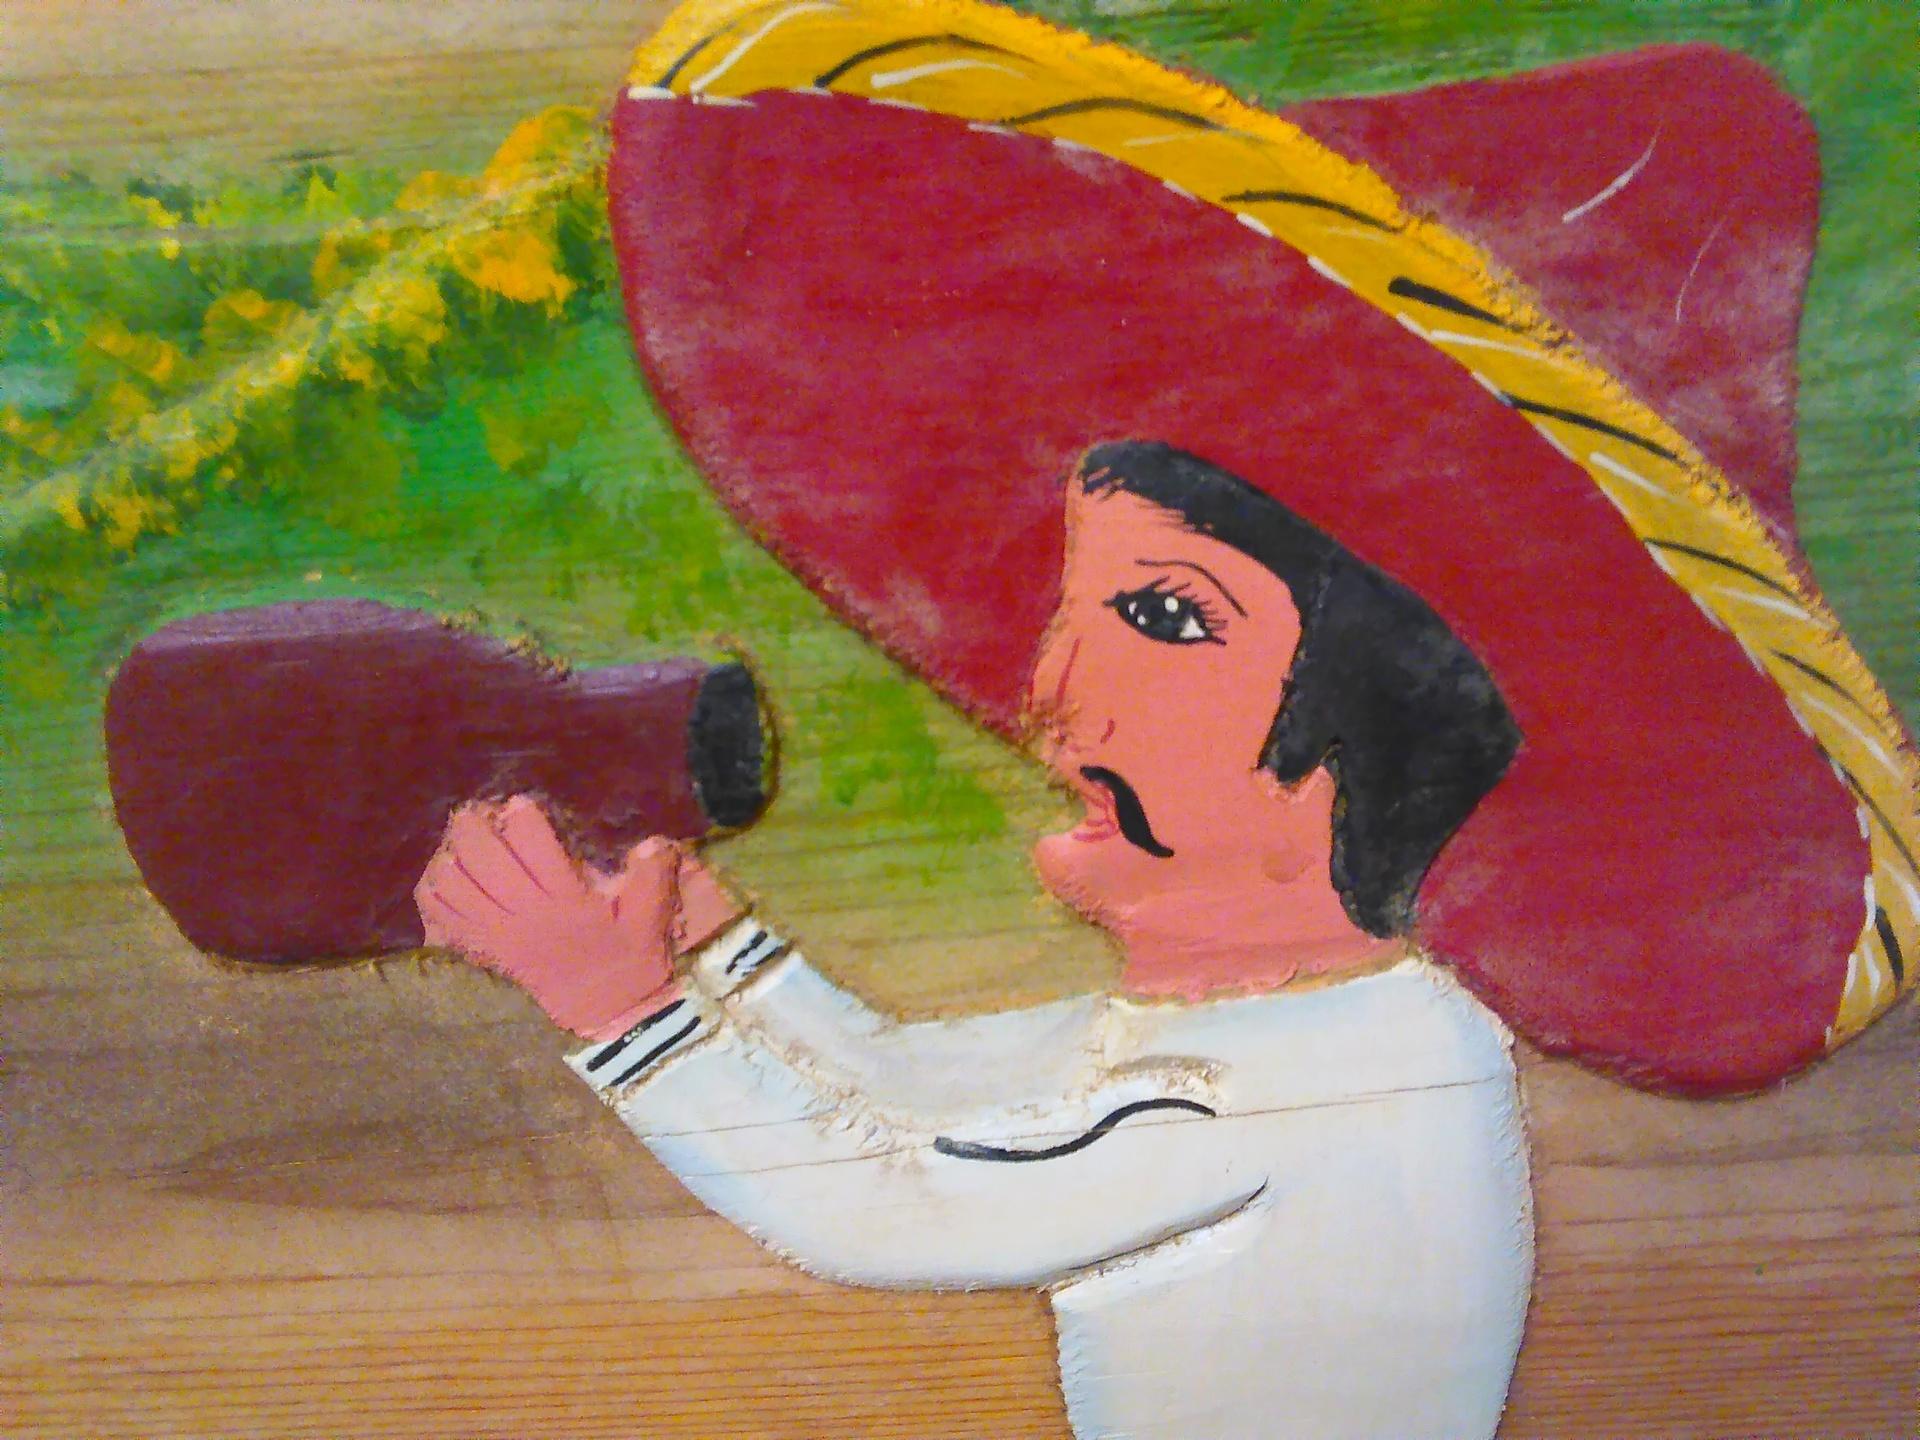 Sombrero man 2 | codenamesailorearth, artistic, illustration, wall